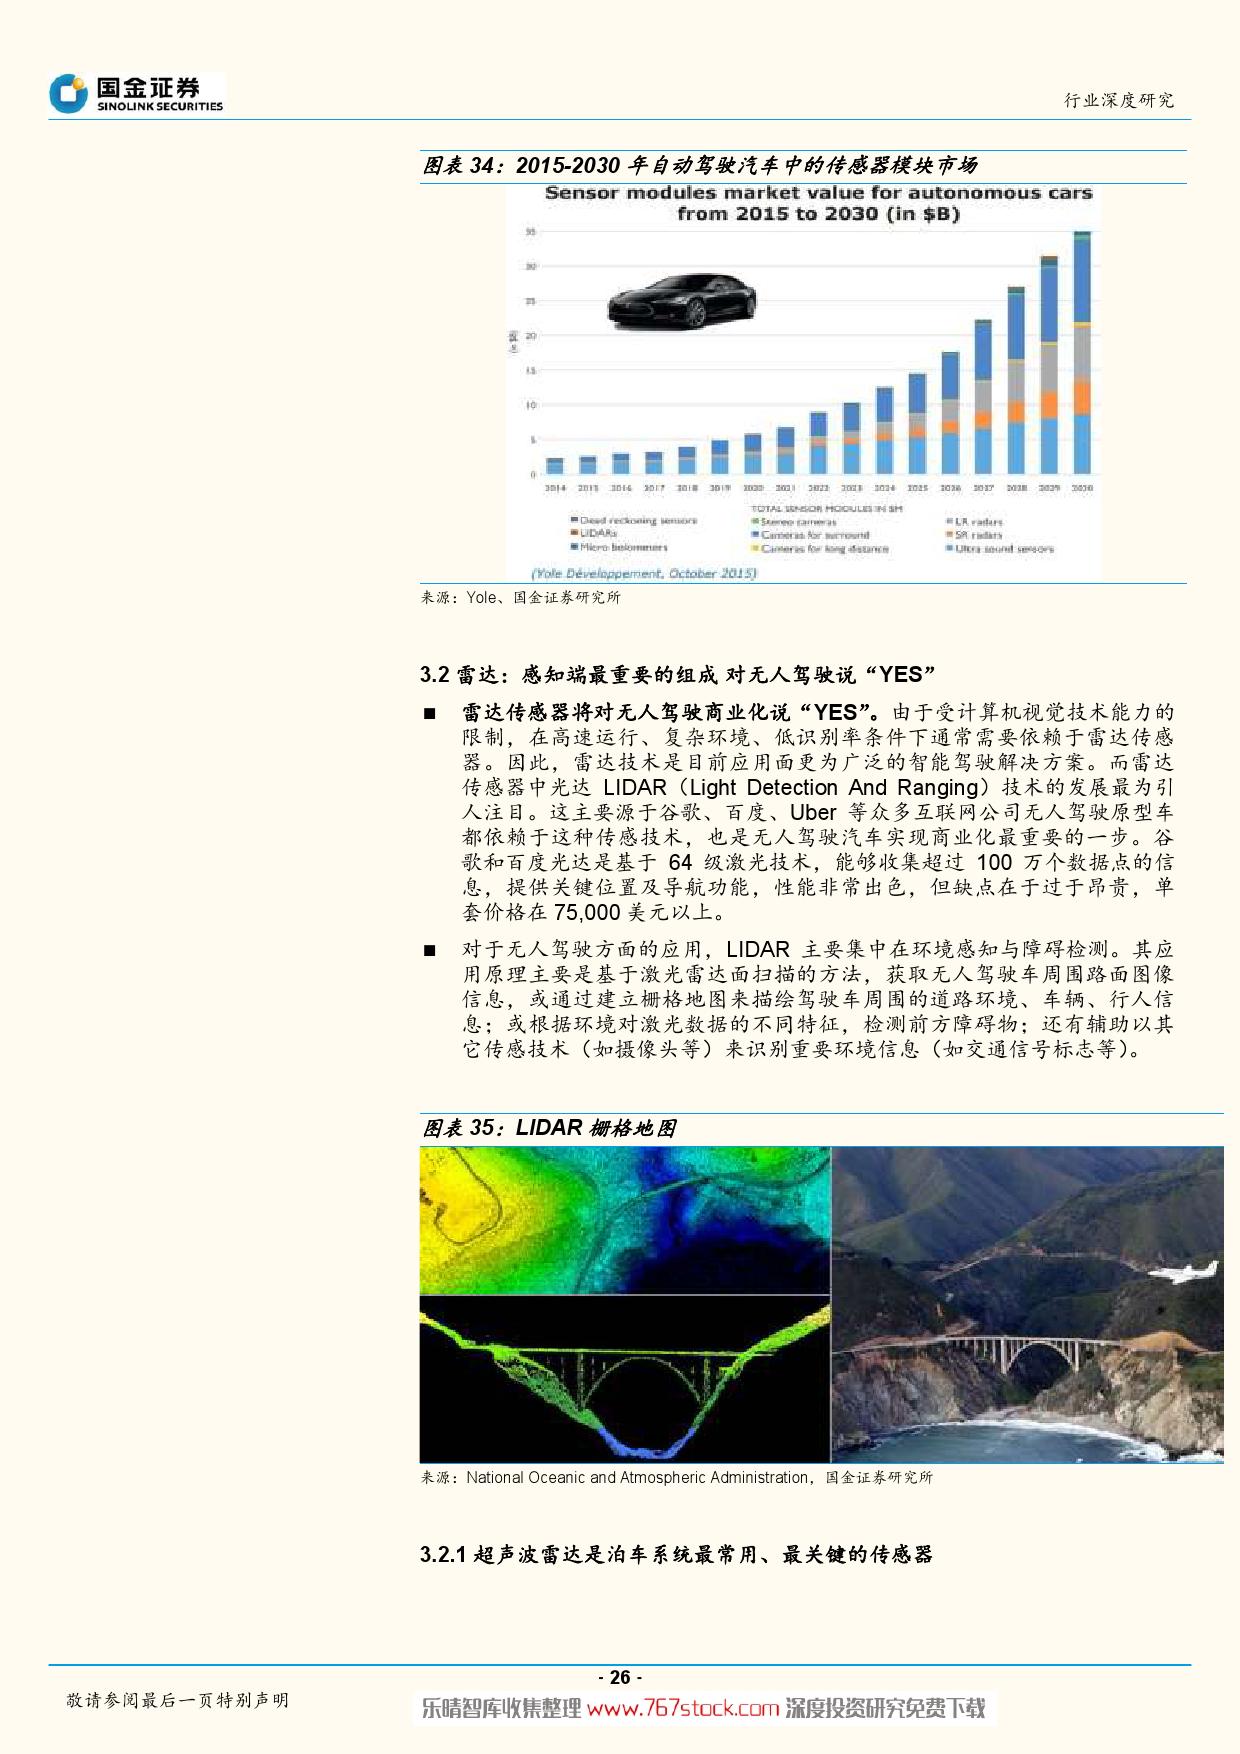 特斯拉产业系列深度报告-智能驾驶爆发在即_000026